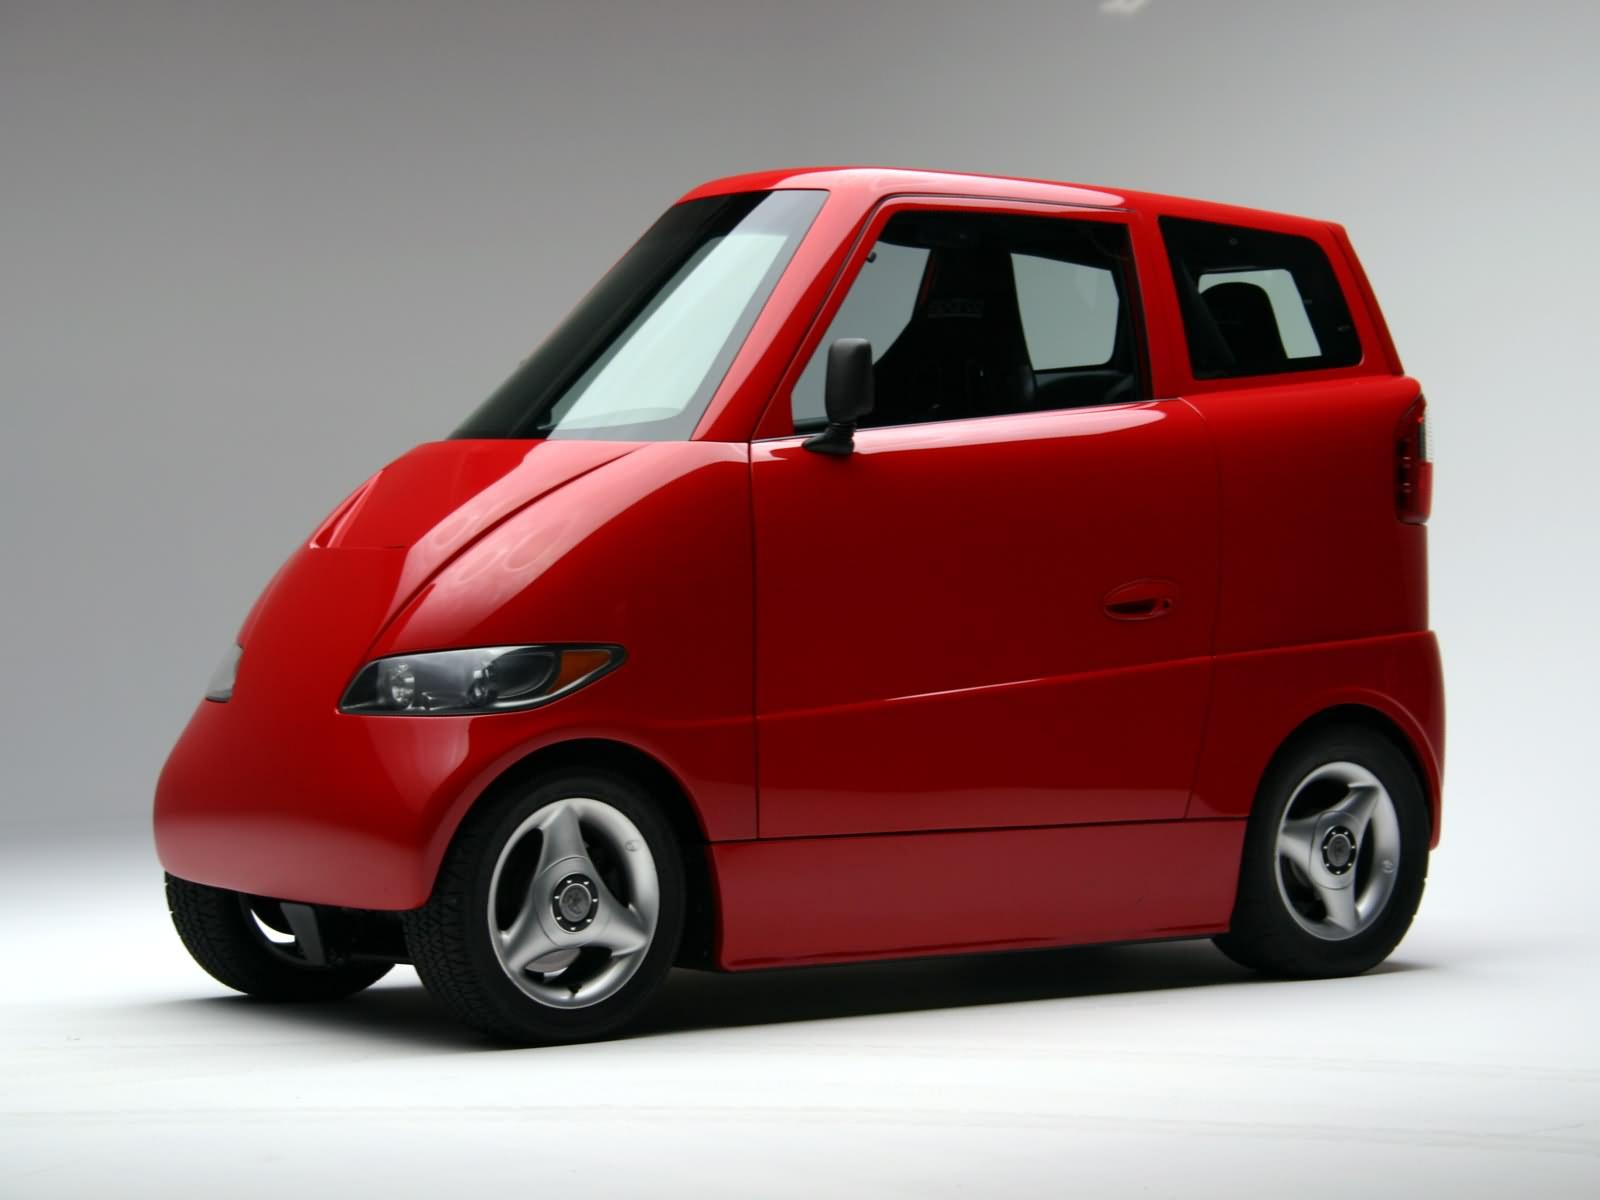 modele voiture compacte